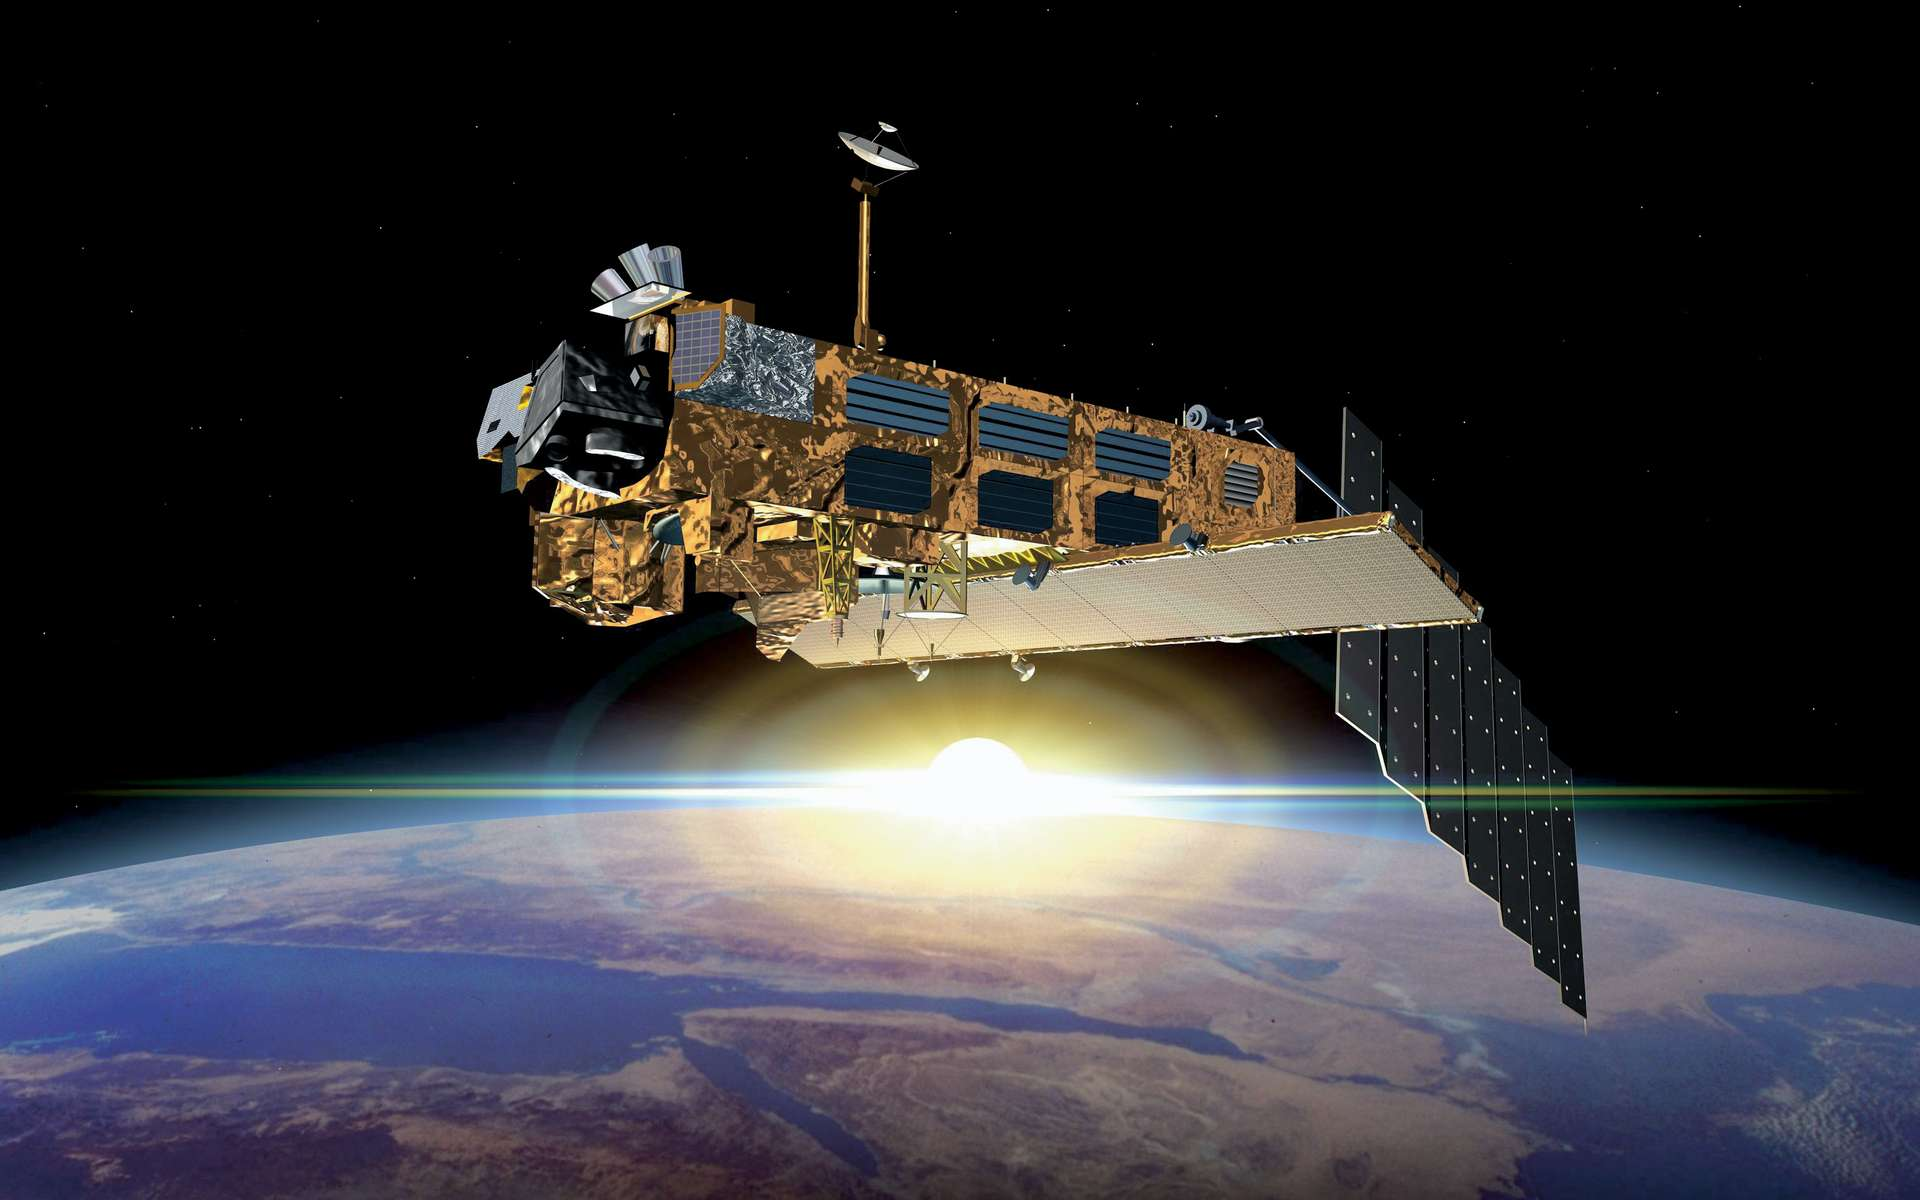 Envisat est le plus gros satellite d'observation jamais construit. Il pèse 8,2 tonnes et mesure 26 mètres de long, 10 de large et 5 de haut. Il embarque 10 instruments de mesure dont un radar, un radiomètre et un spectromètre. © Esa